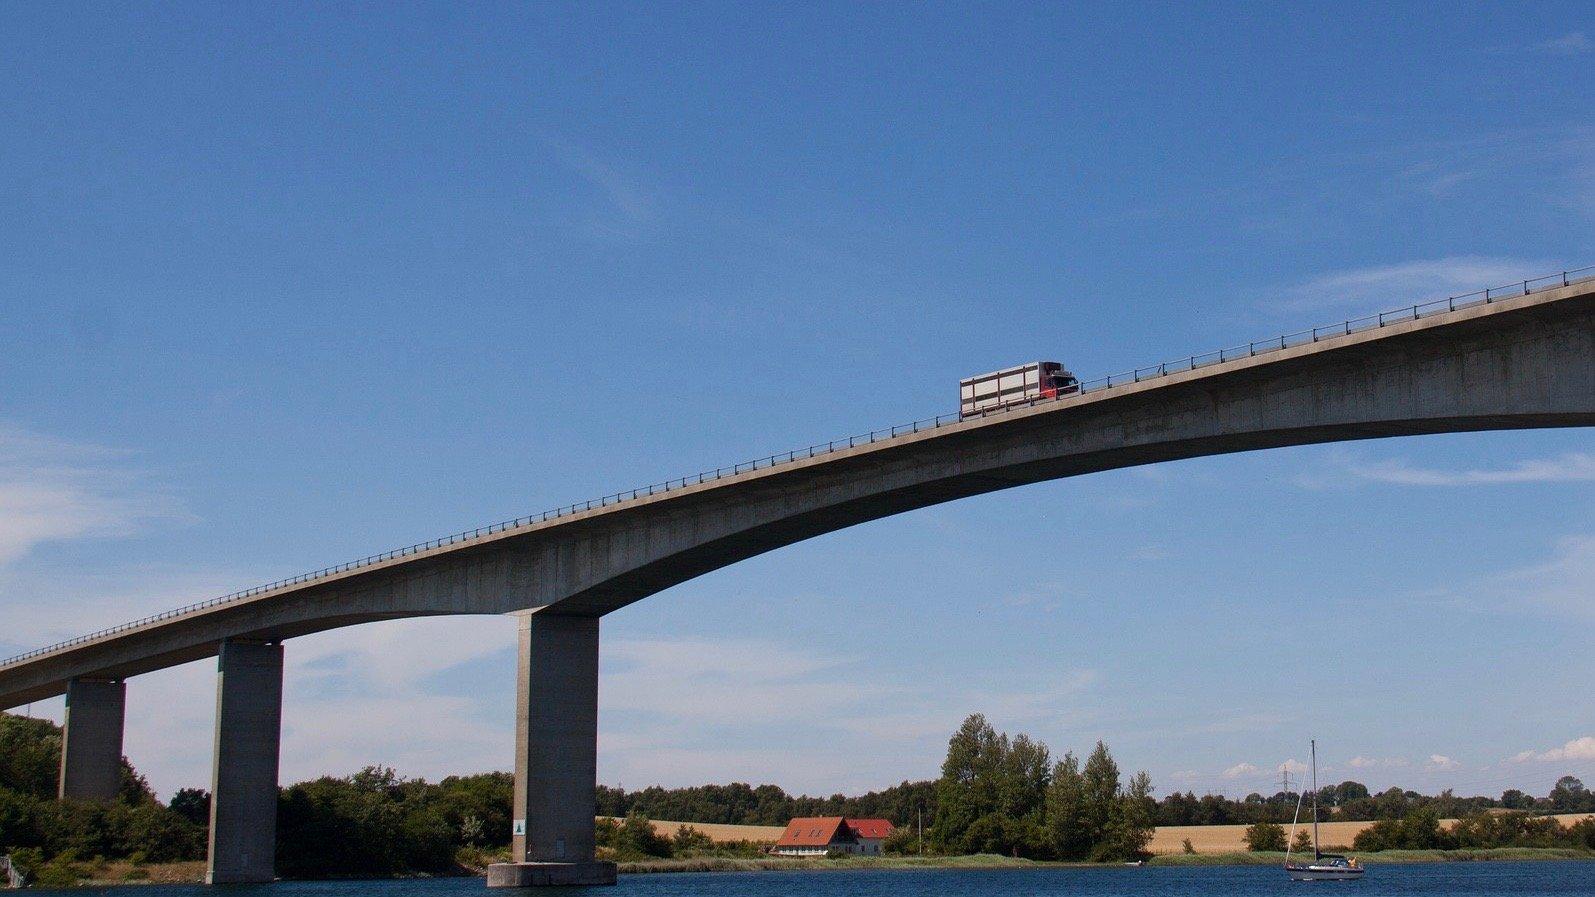 truck driving over bridge